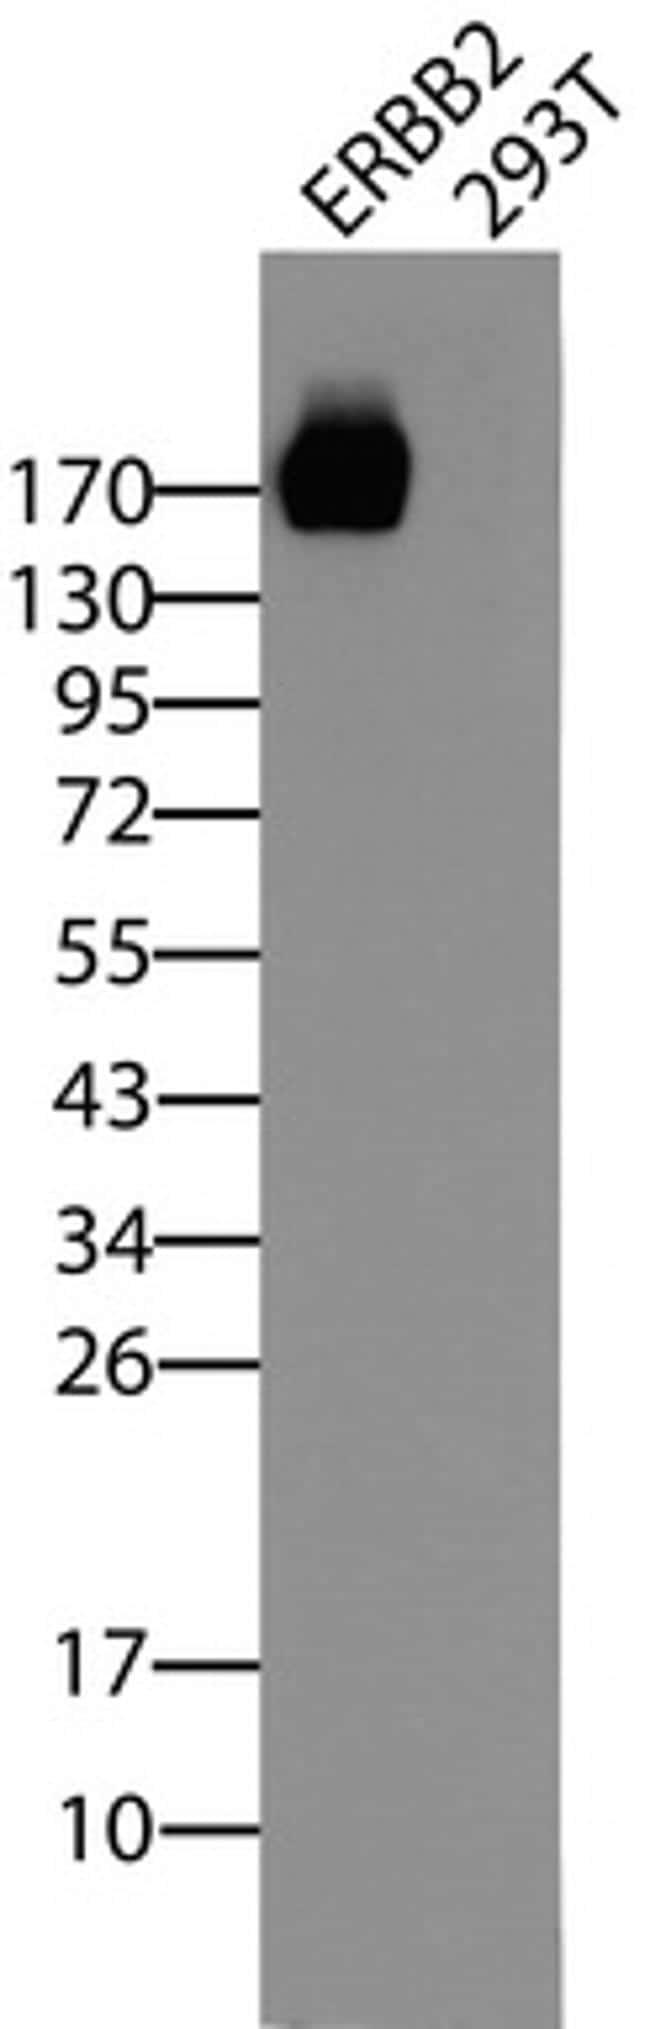 ERBB2 Antibody in Western Blot (WB)